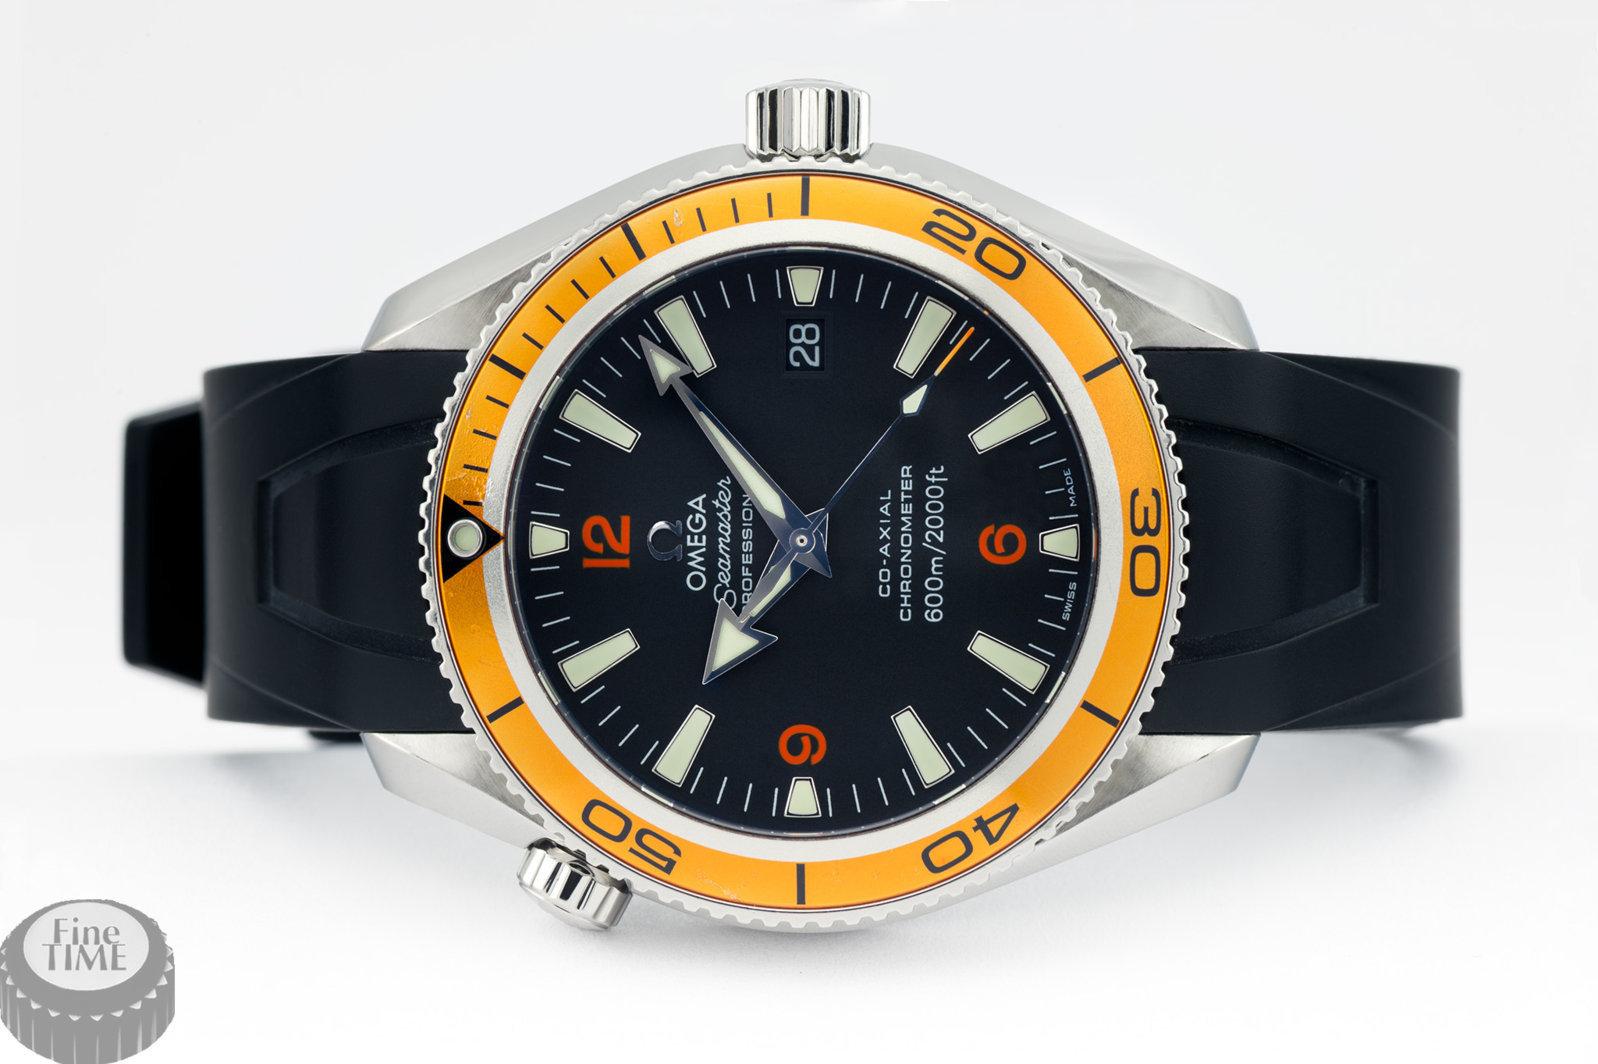 omega-seamaster-planet-ocean-2909-50-38-01.jpg